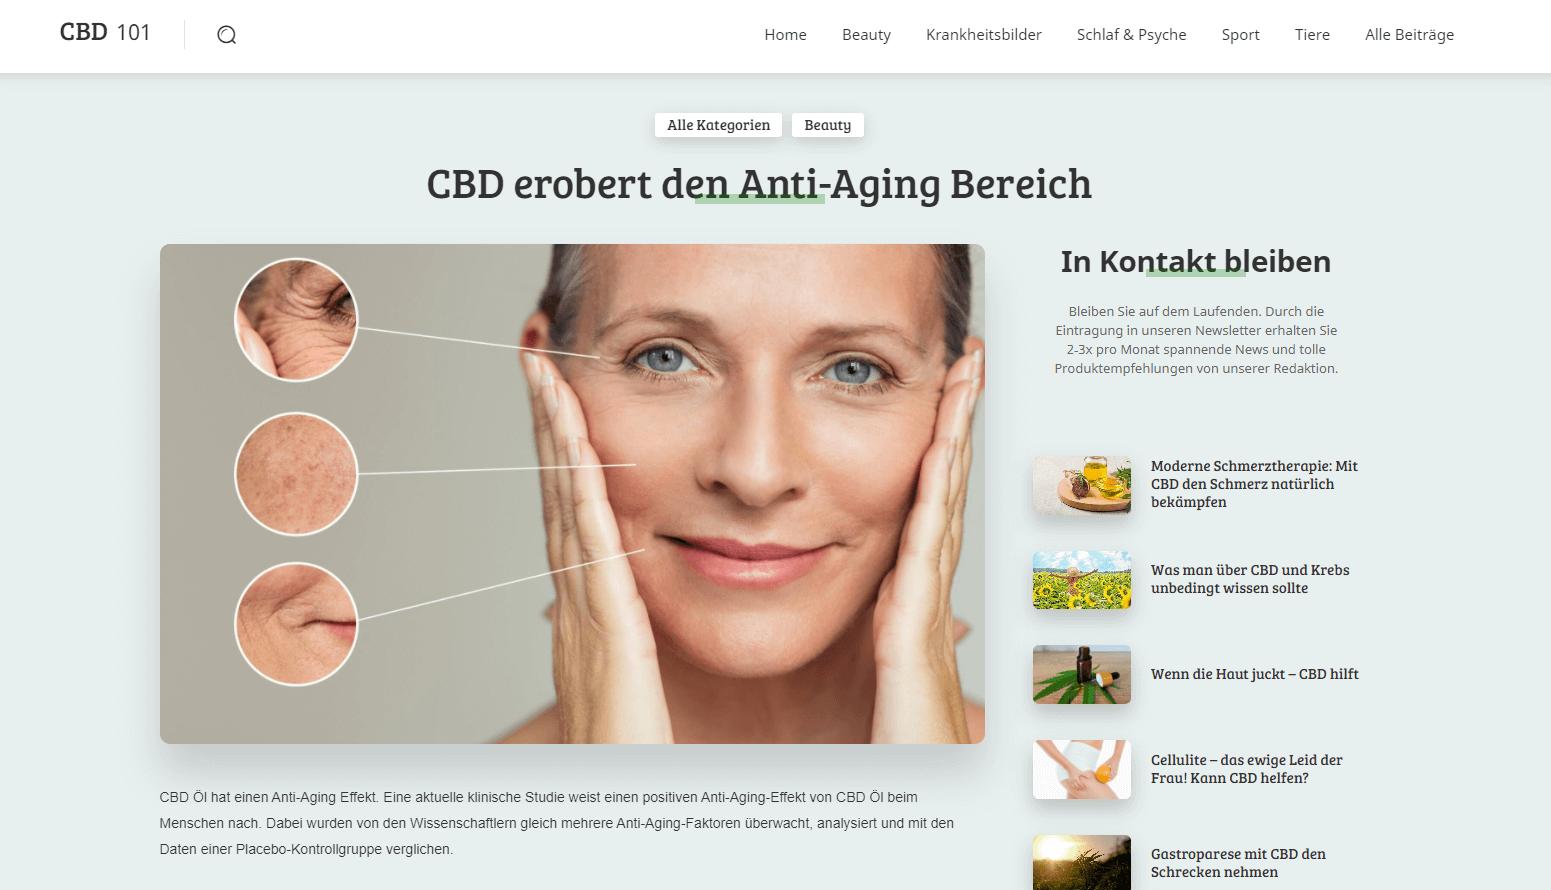 Antioxidantien, Anti-Aging, Behandlung, Lebensmittel, Alterungsprozess verlangsamen,